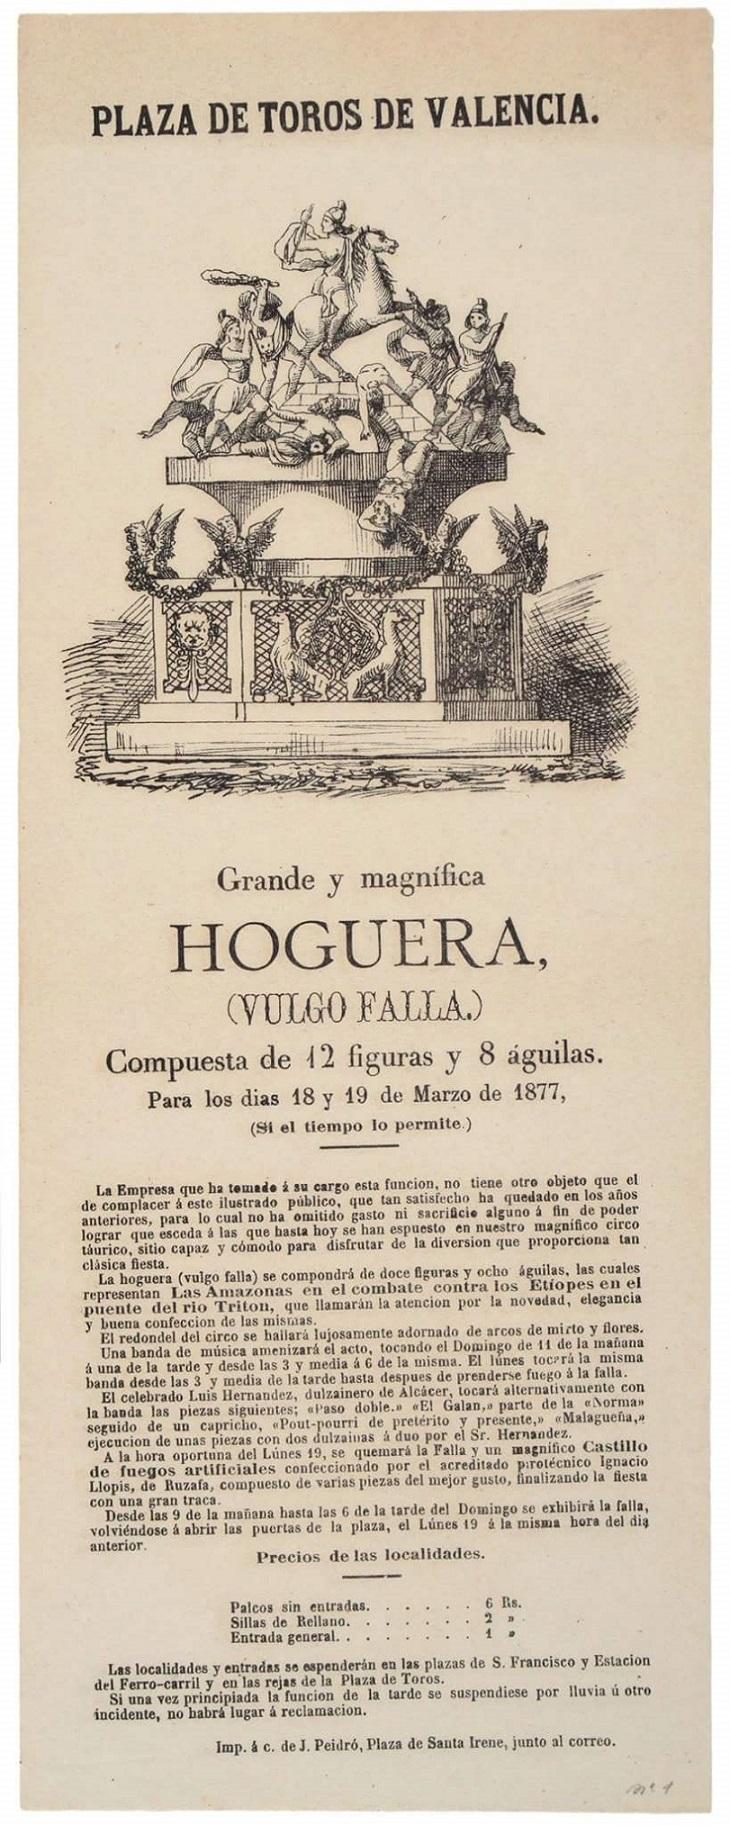 Fuente: Foto digitalizada de www.dival.es